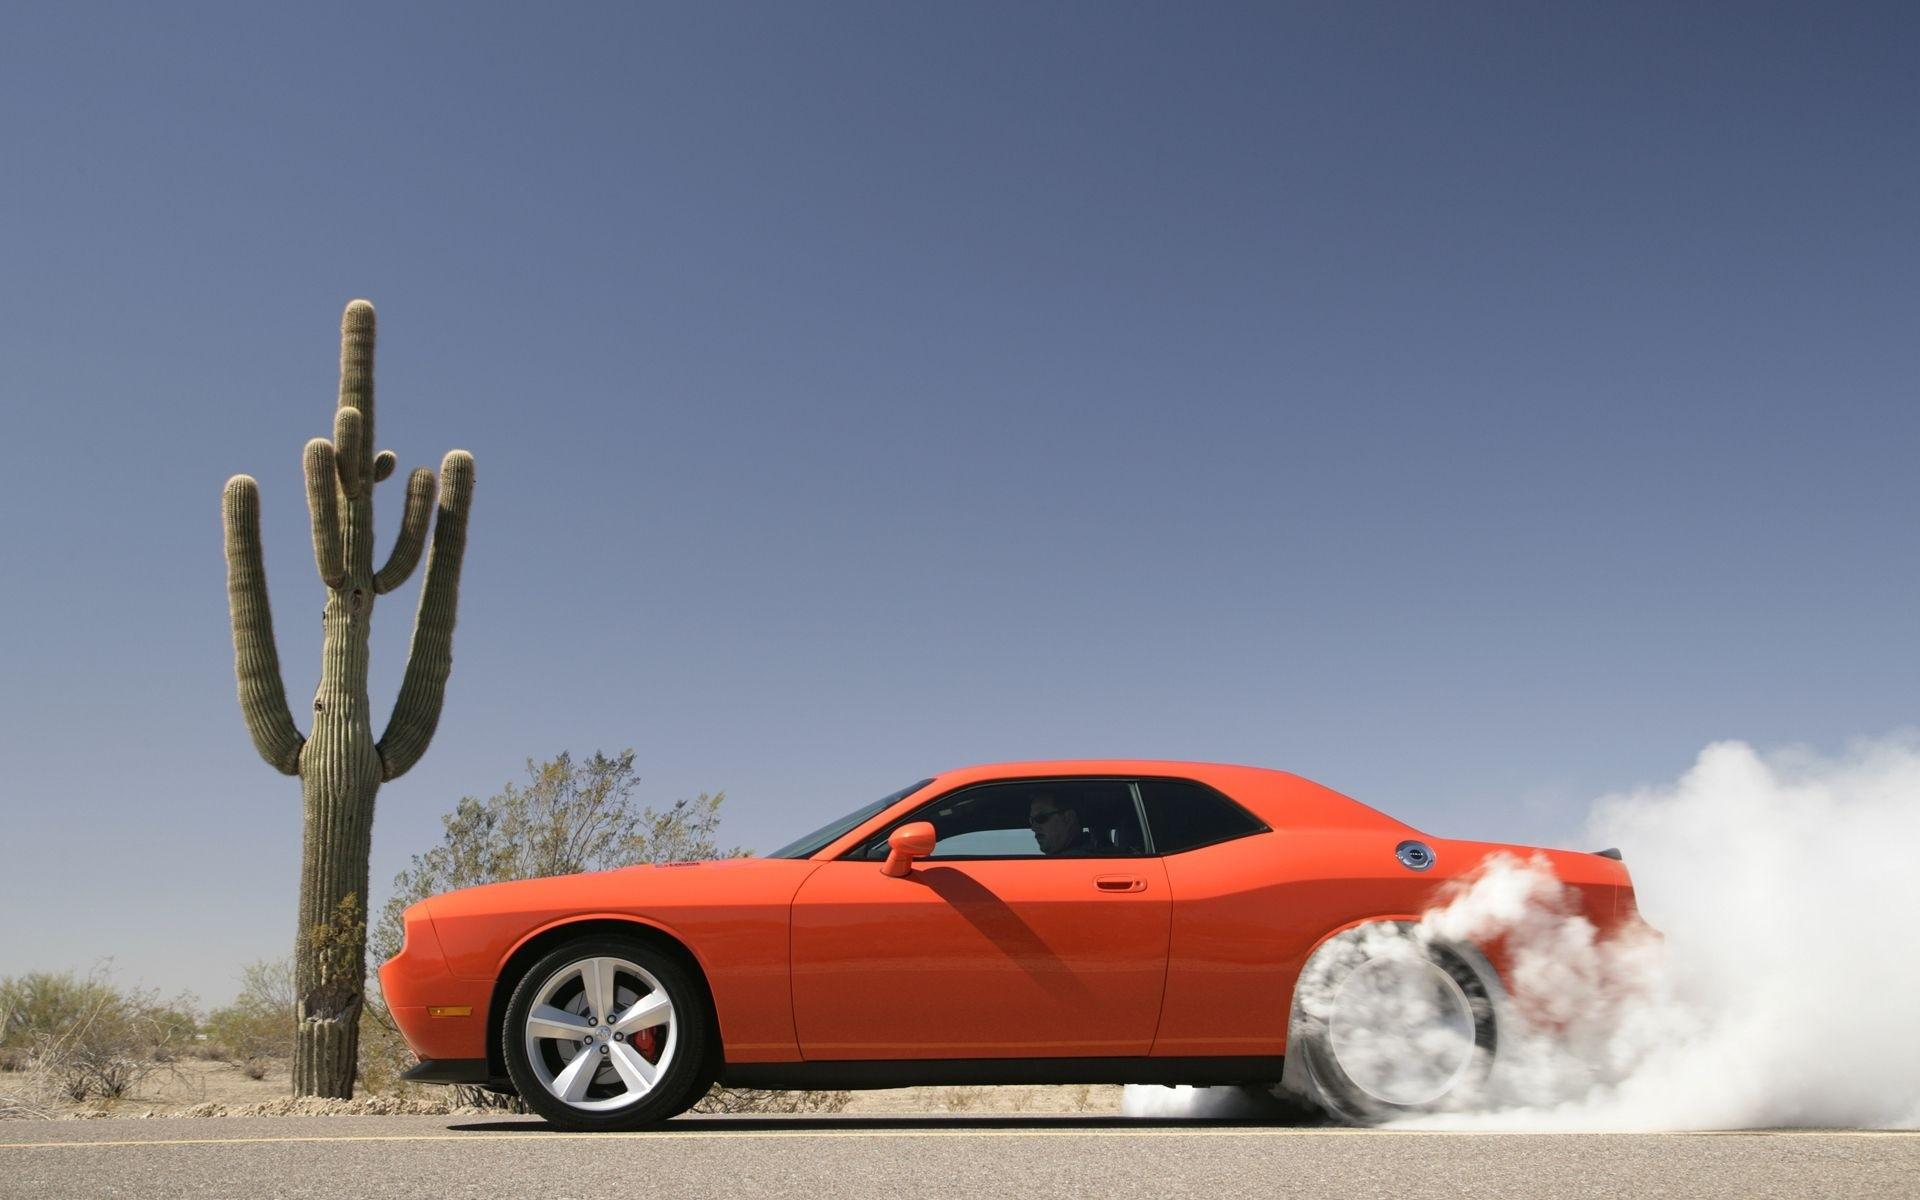 Burnout Car Dodge Dodge Challenger Dodge Challenger Srt8 Orange Car Smoke Vehicle 1920x1200